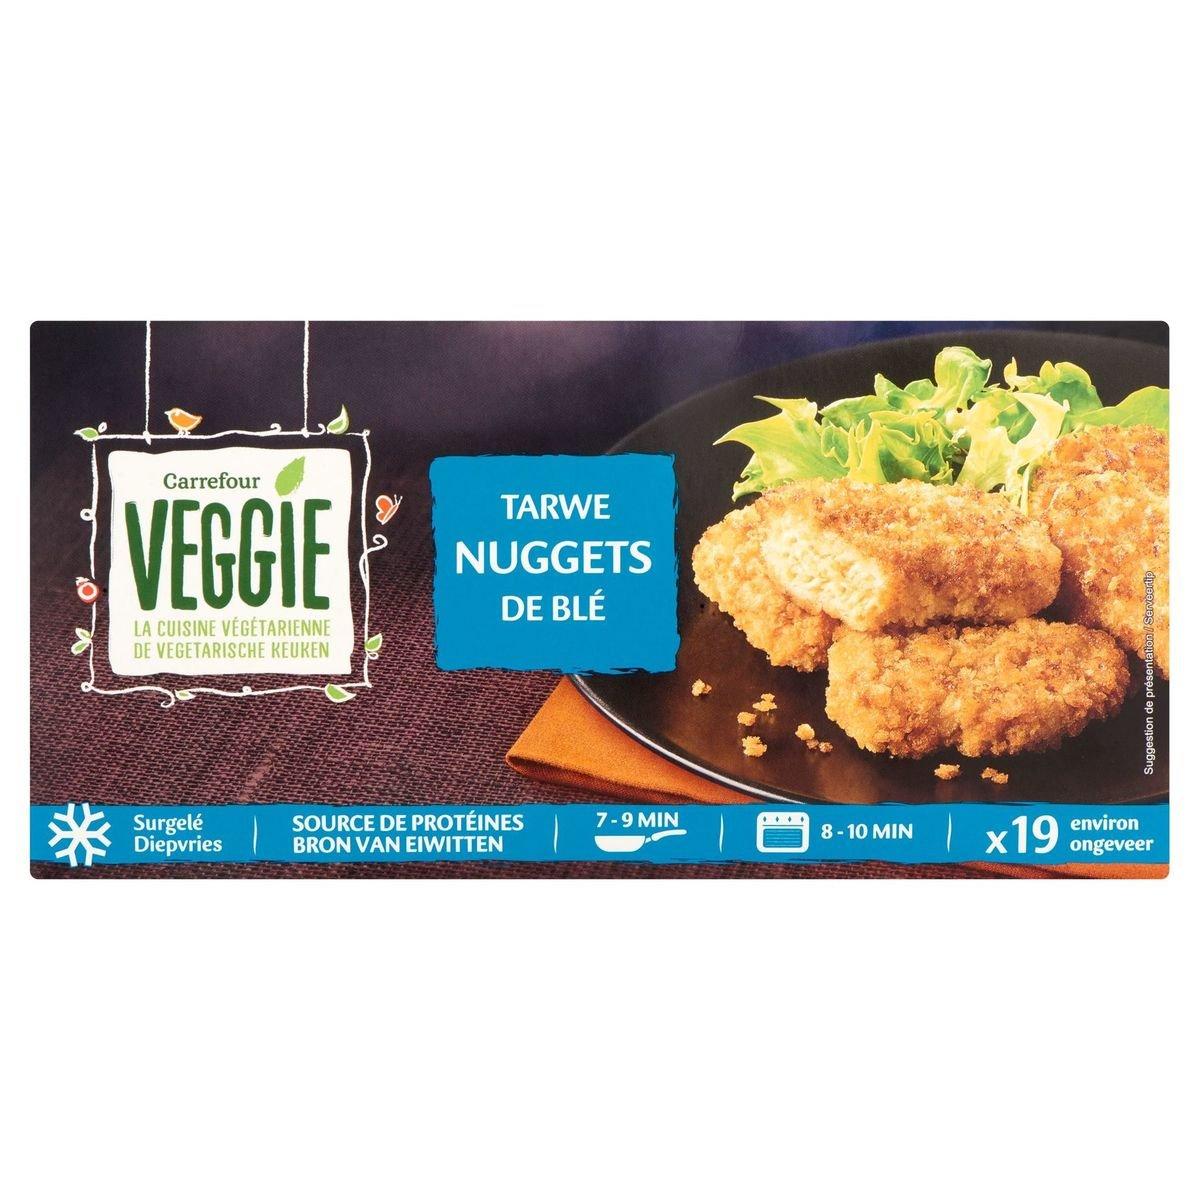 Carrefour Veggie Tarwe Nuggets 400 g